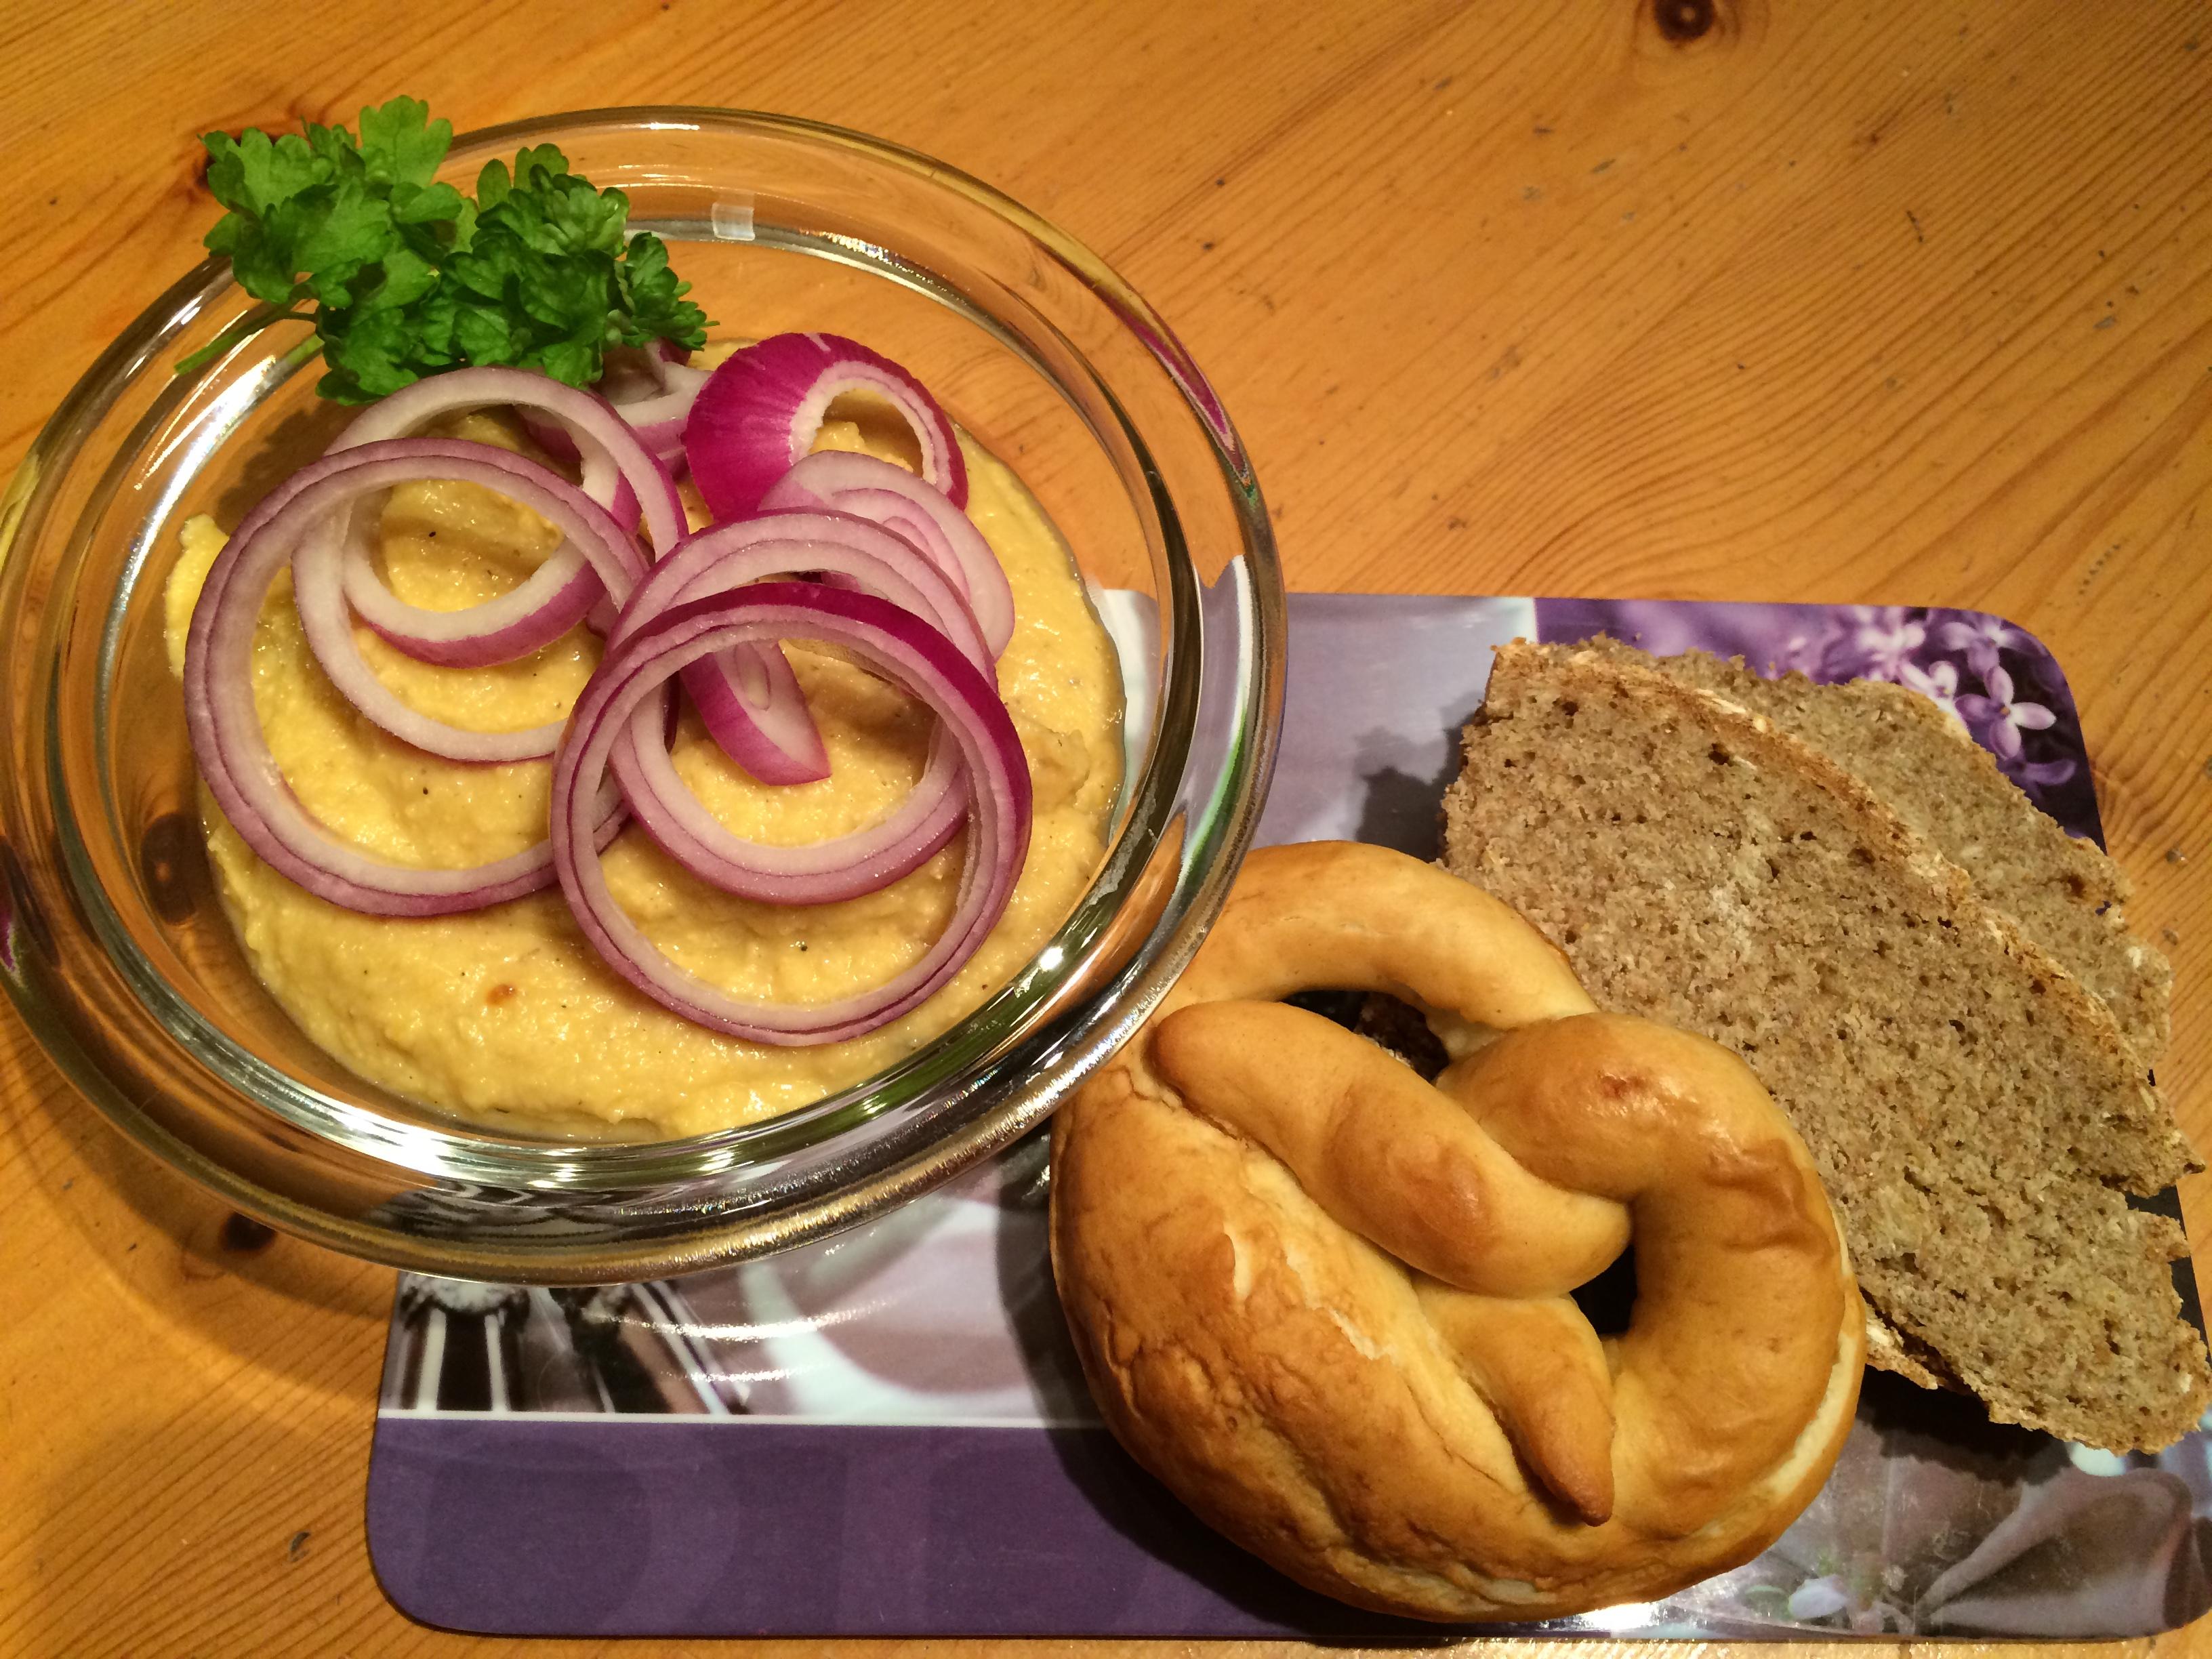 Brot und Aufstriche